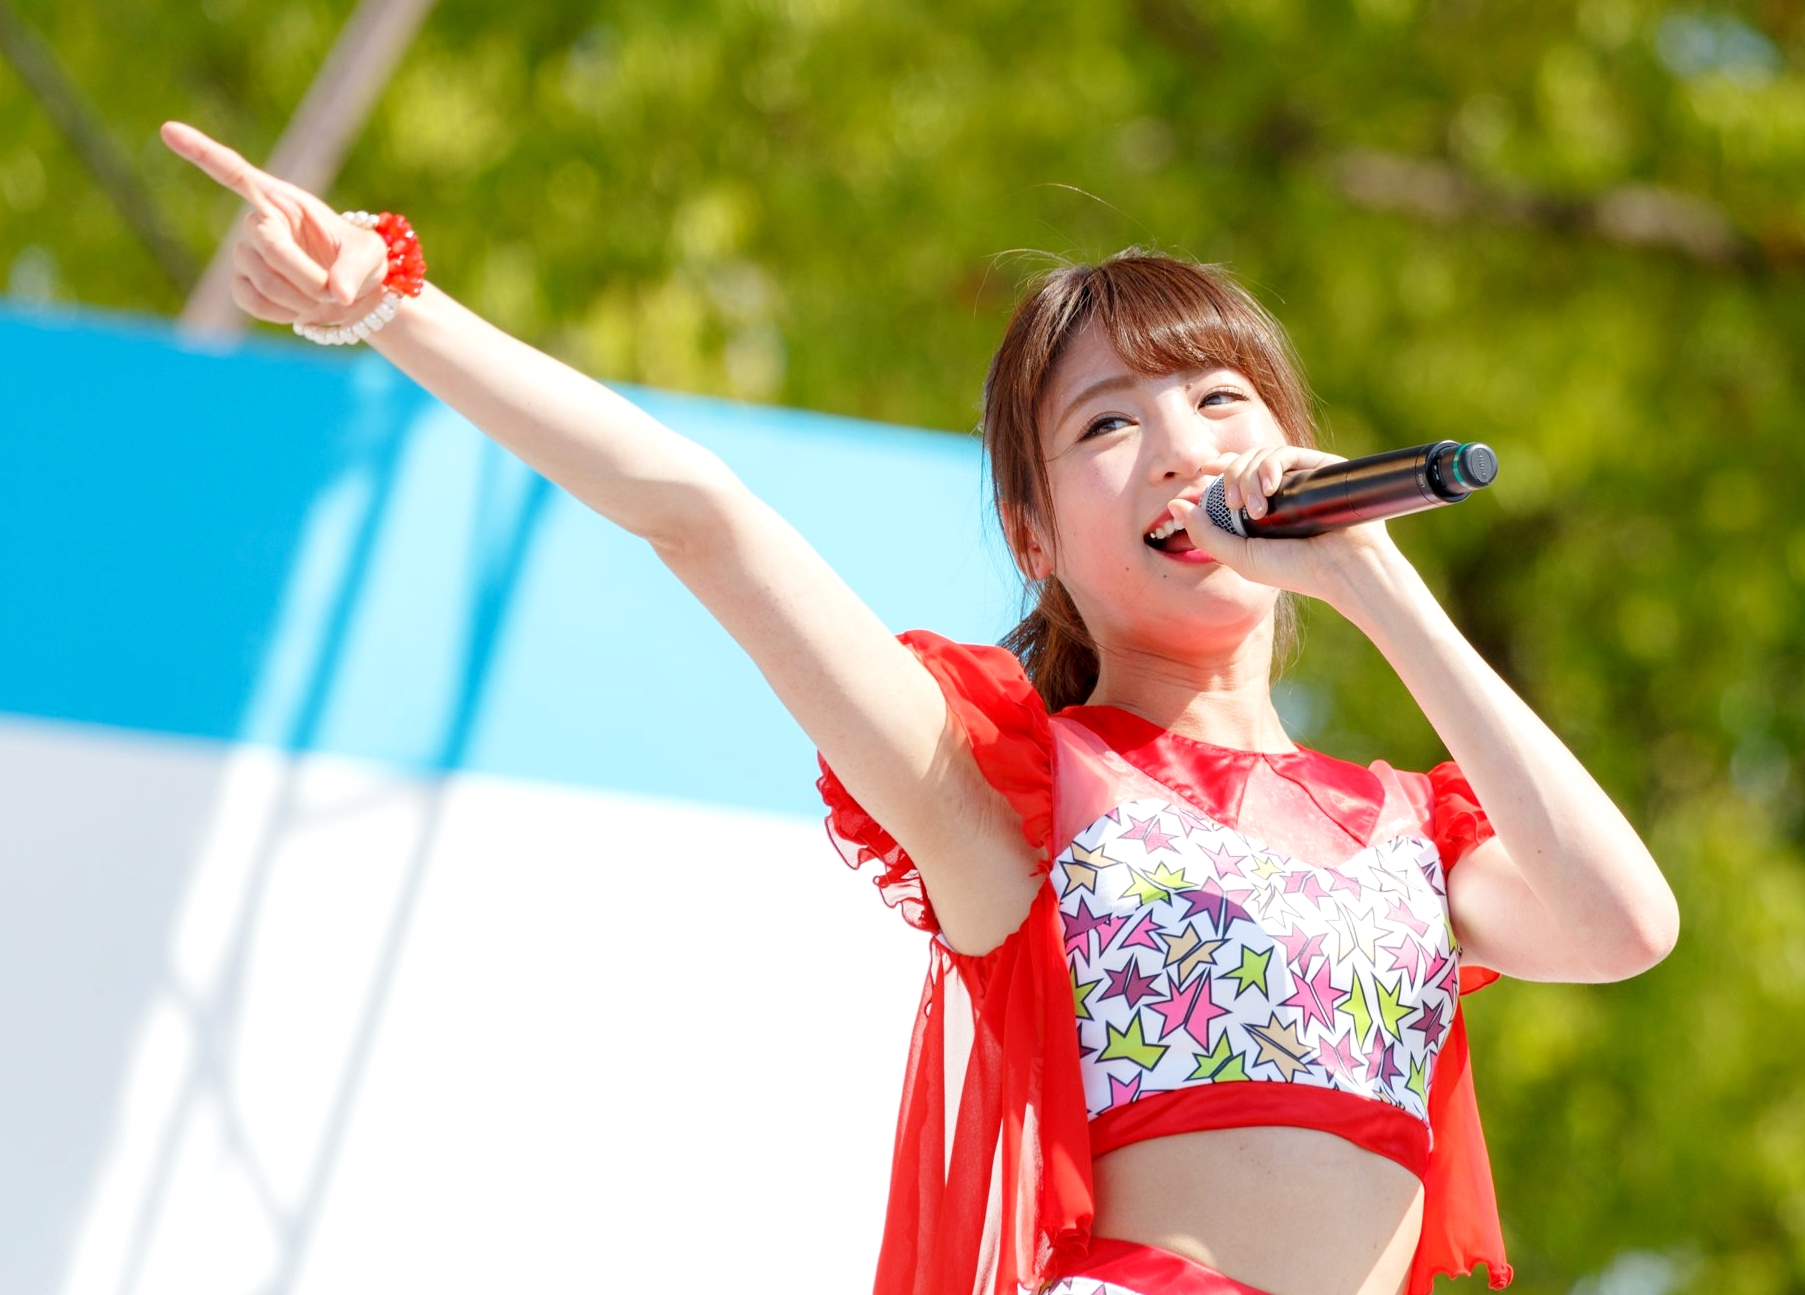 志田友美の黒ずみシワ腋 (2)